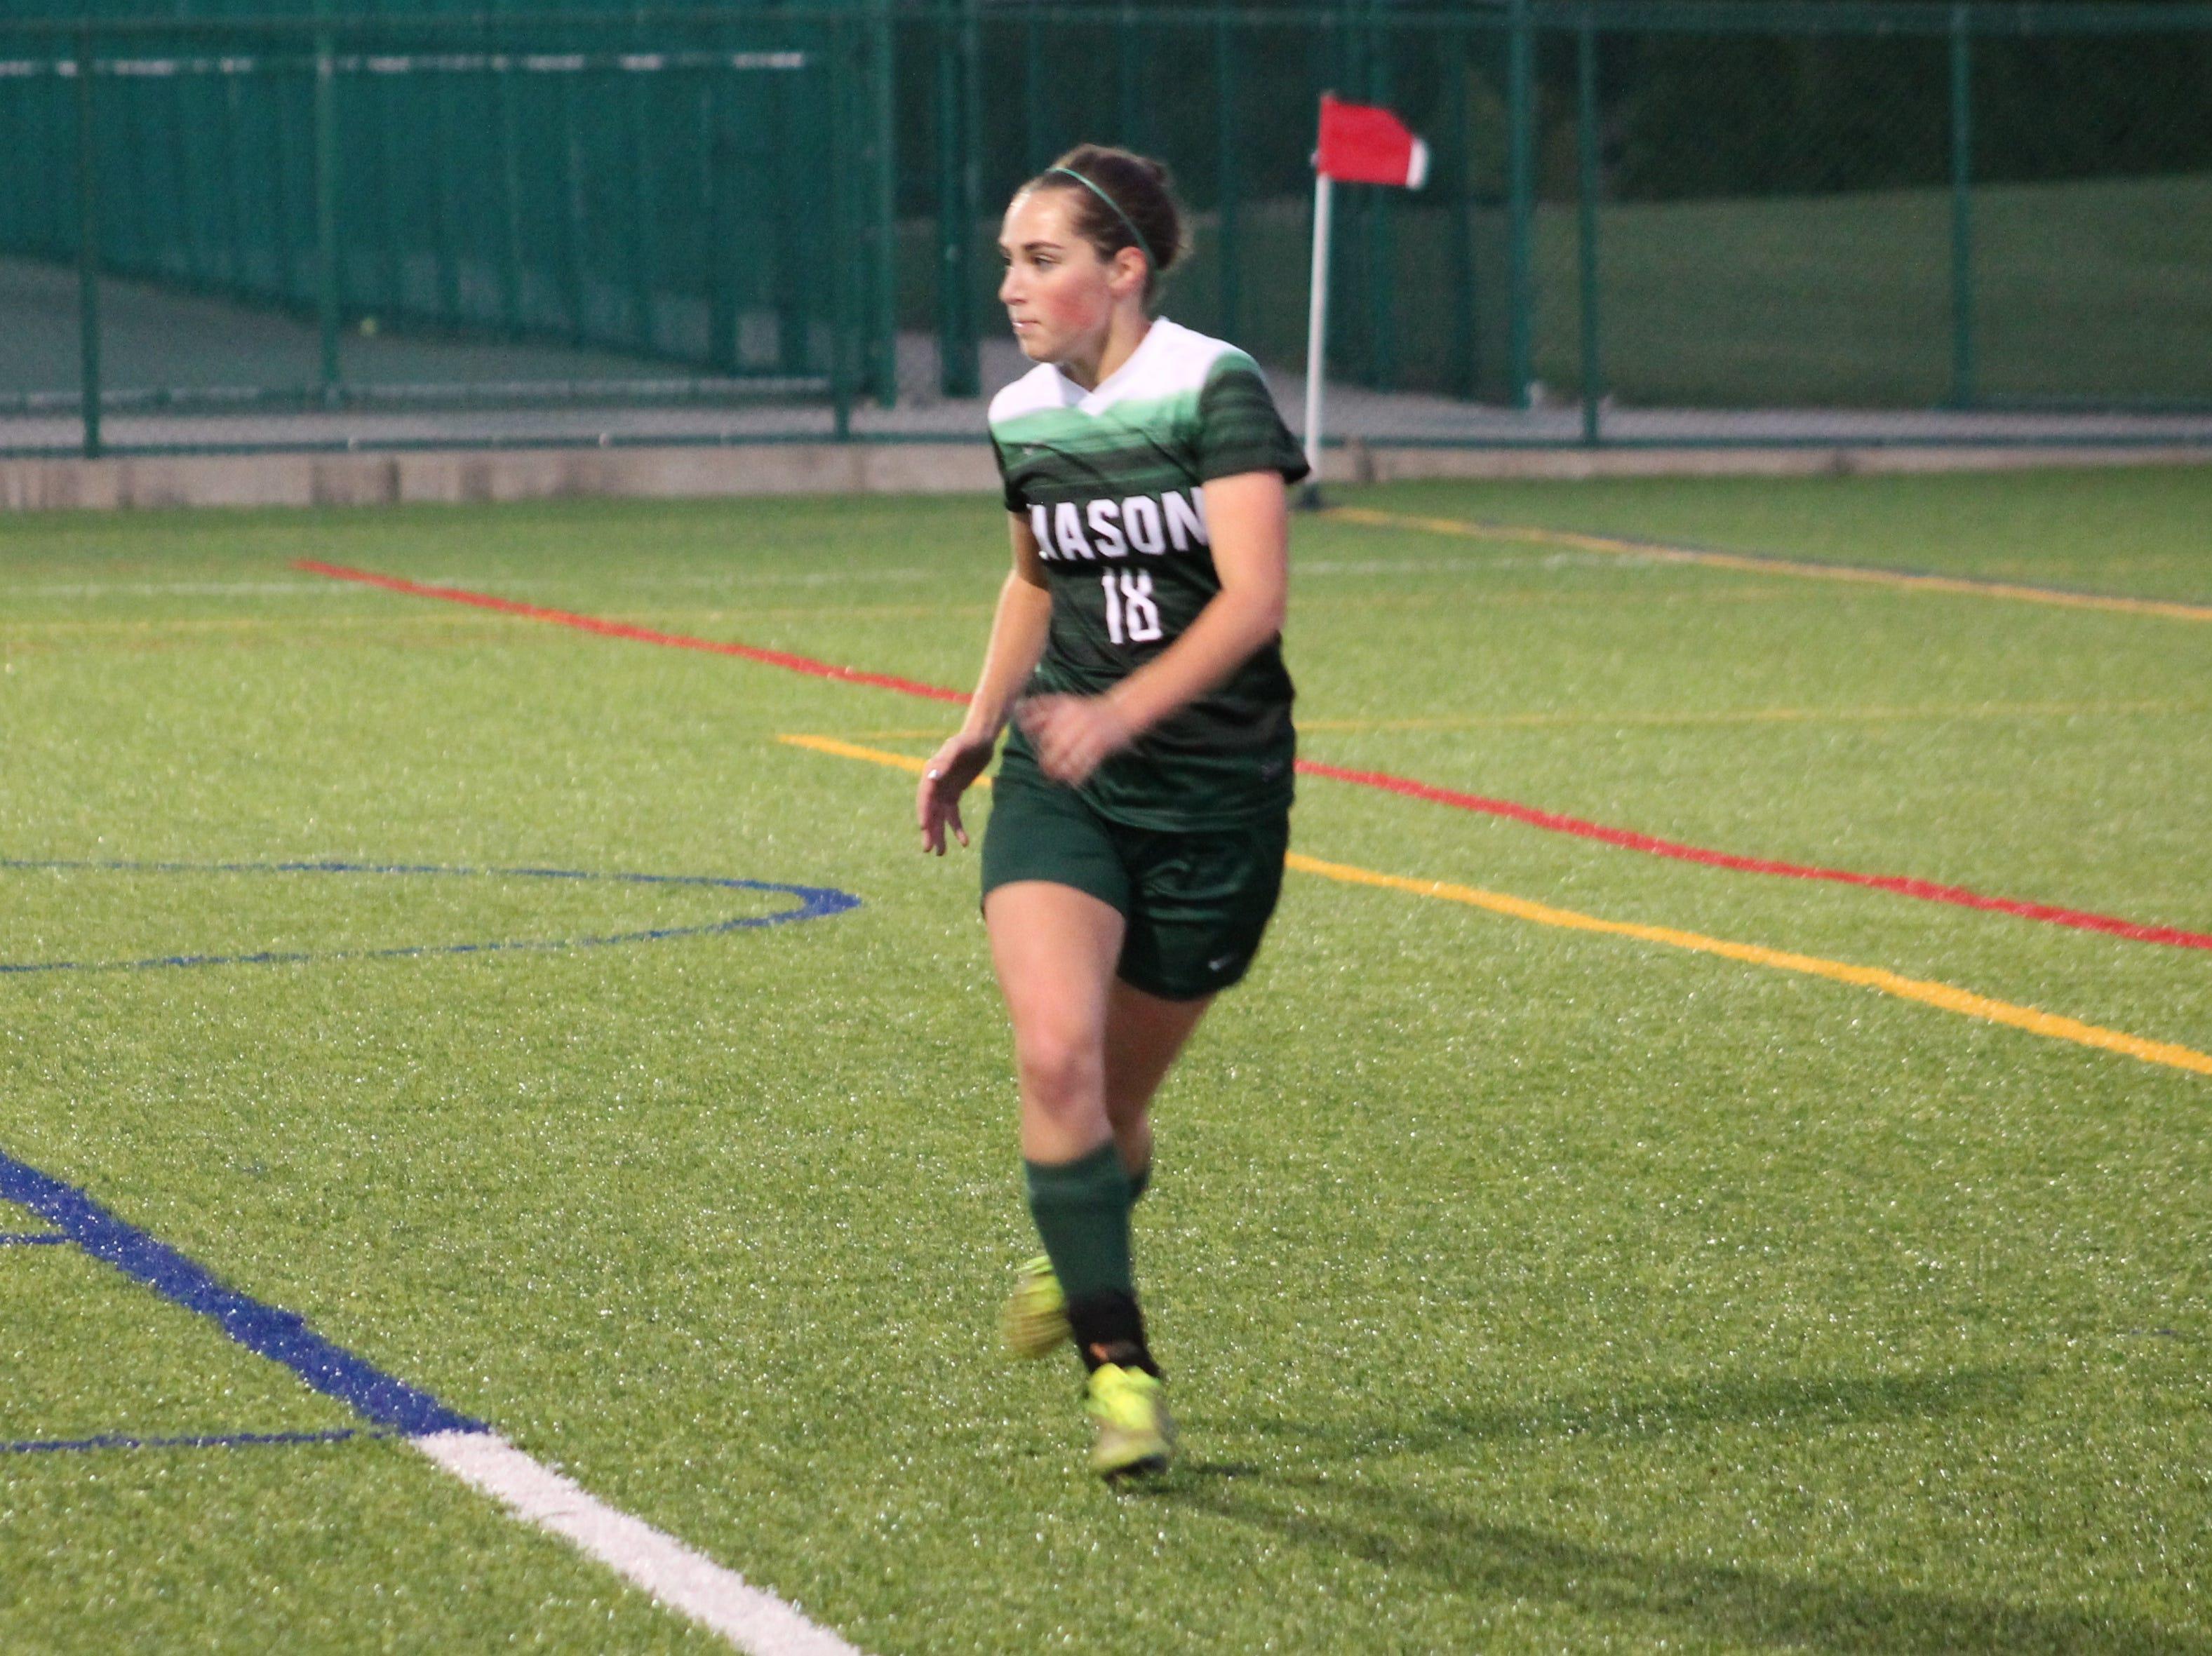 Mason senior defender Meghan Curran tracks down the ball against Fairfield